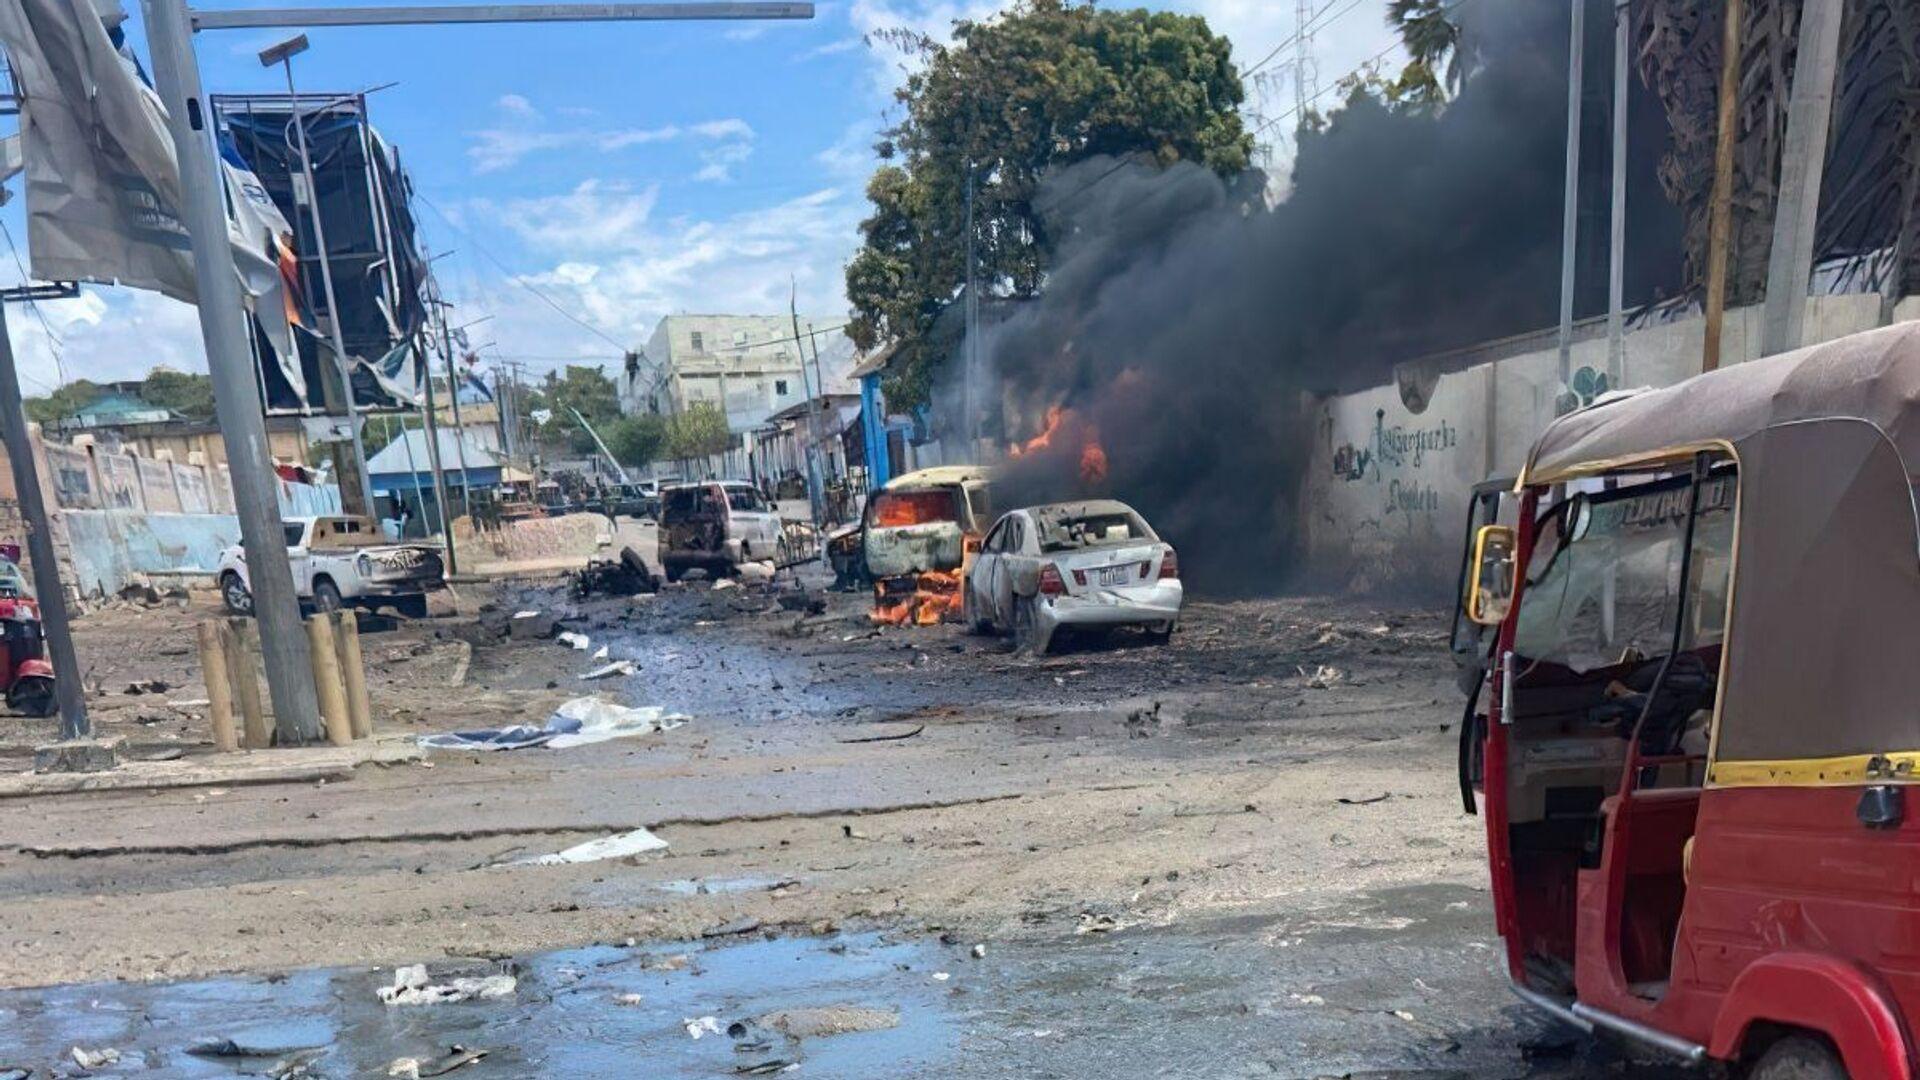 Место взрыва в столице Сомали Могадишо - Sputnik Polska, 1920, 25.09.2021